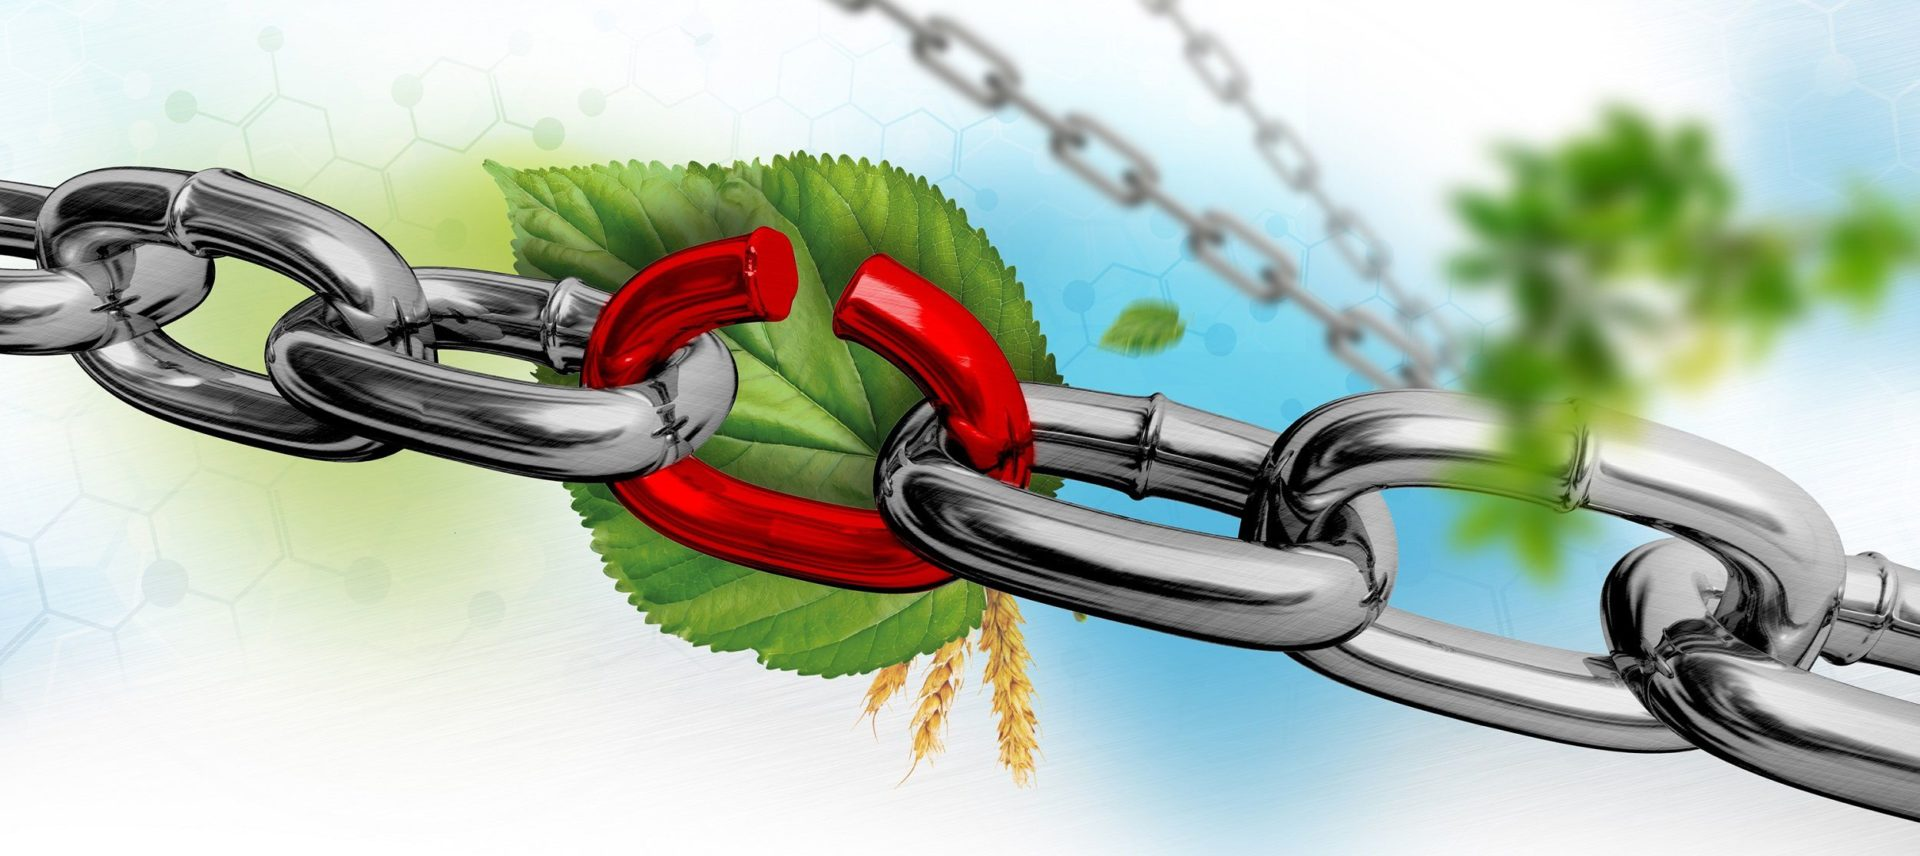 Zwakke schakels bedreigen biobased en circulaire ketens